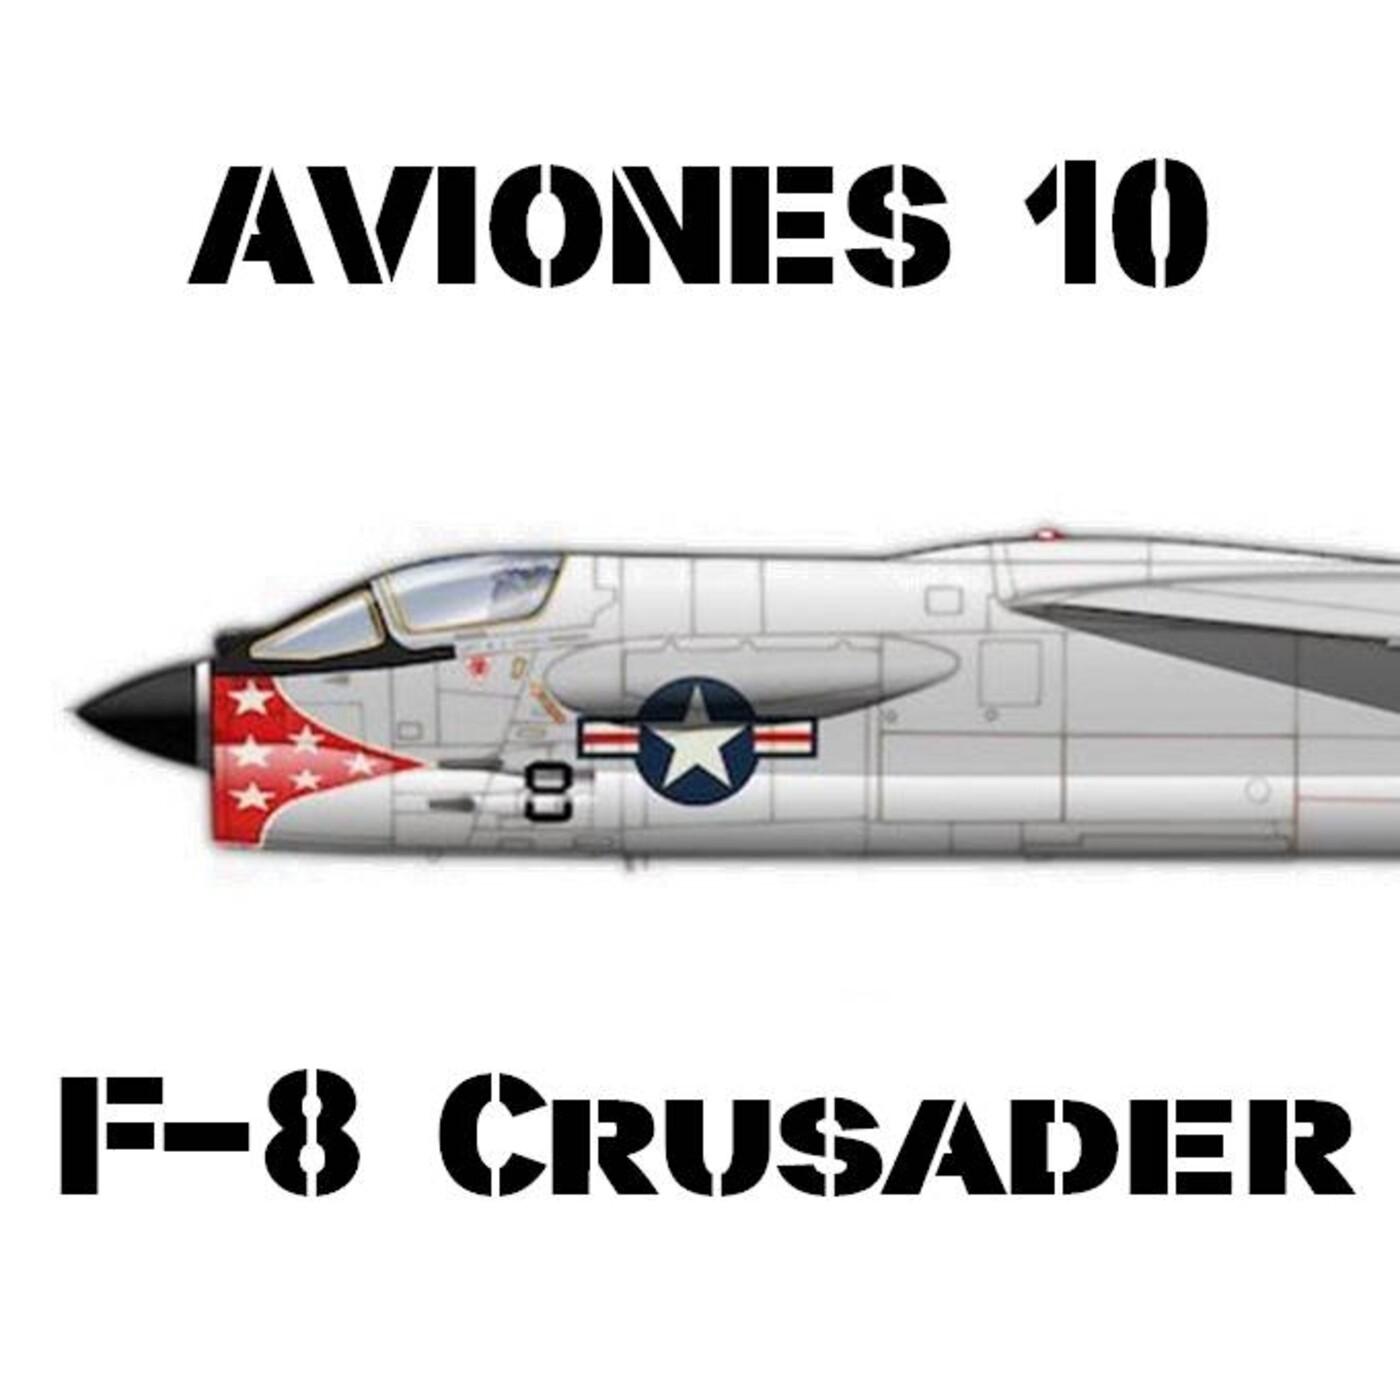 AVIONES 10#88 F-8 Crusader 'The Last Gunner'